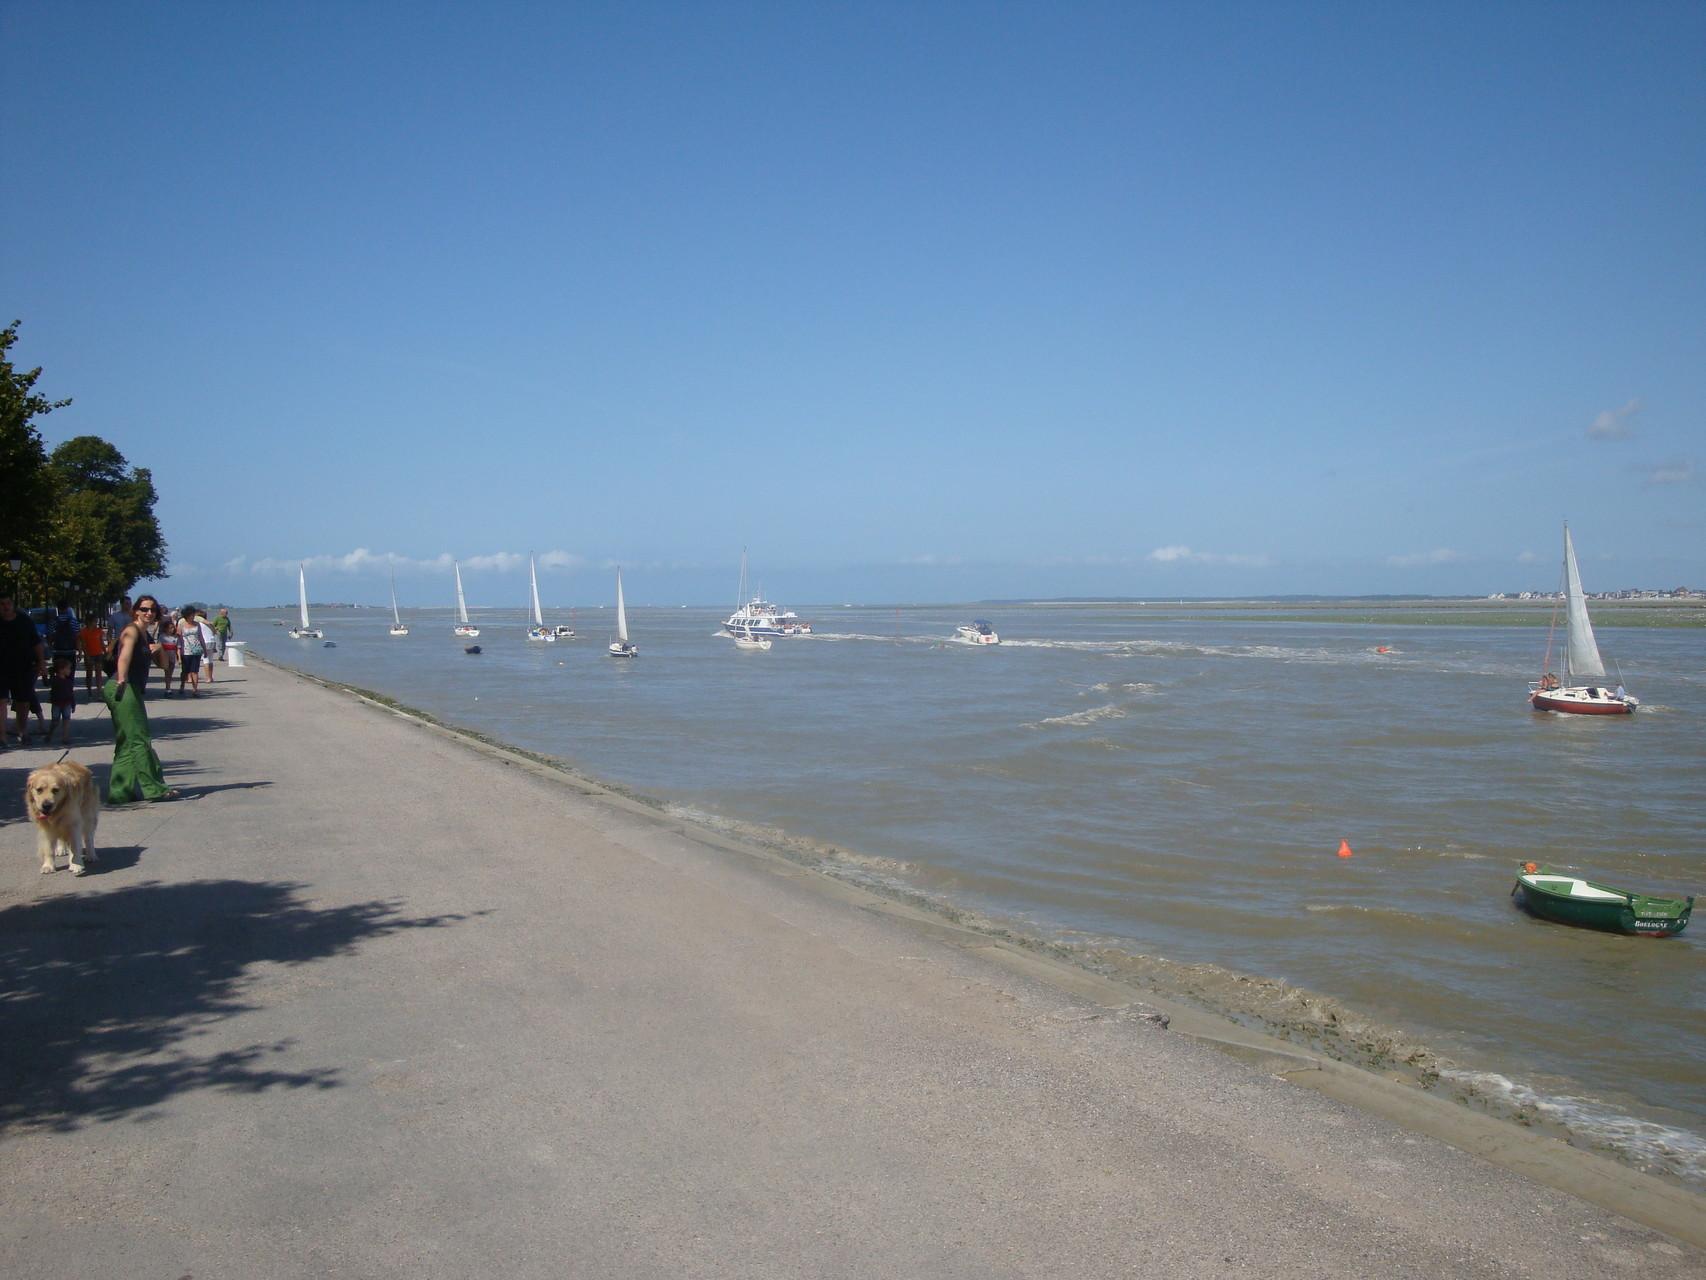 Sortie de voiliers - Baie de Somme